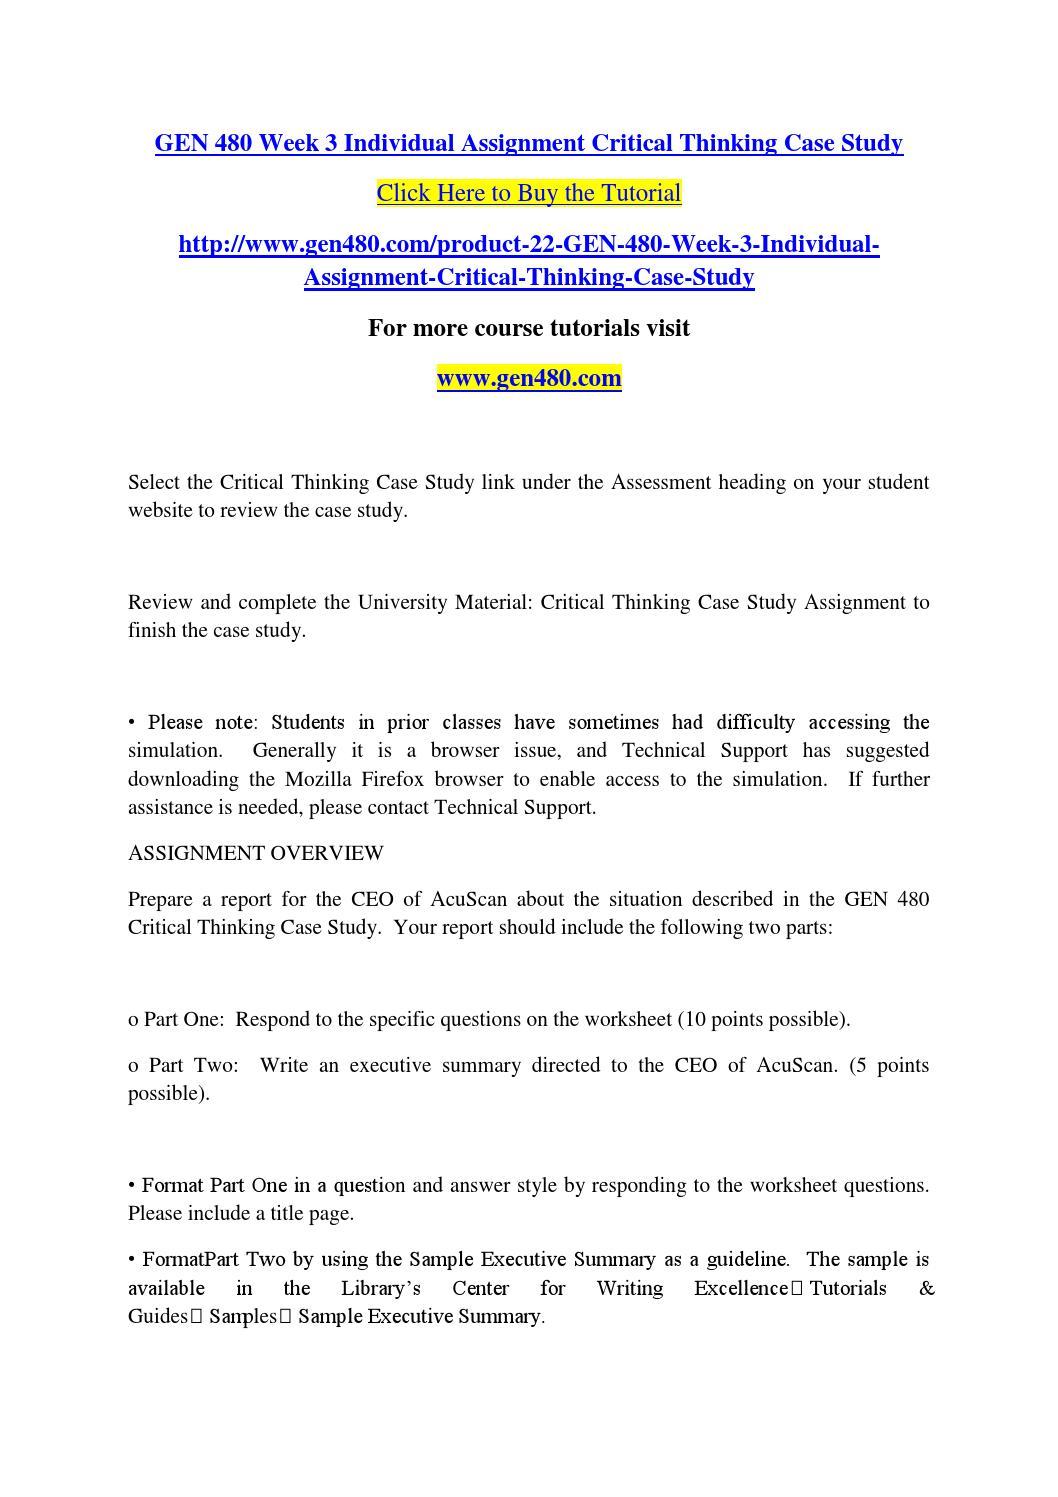 acuscan case study executive summary